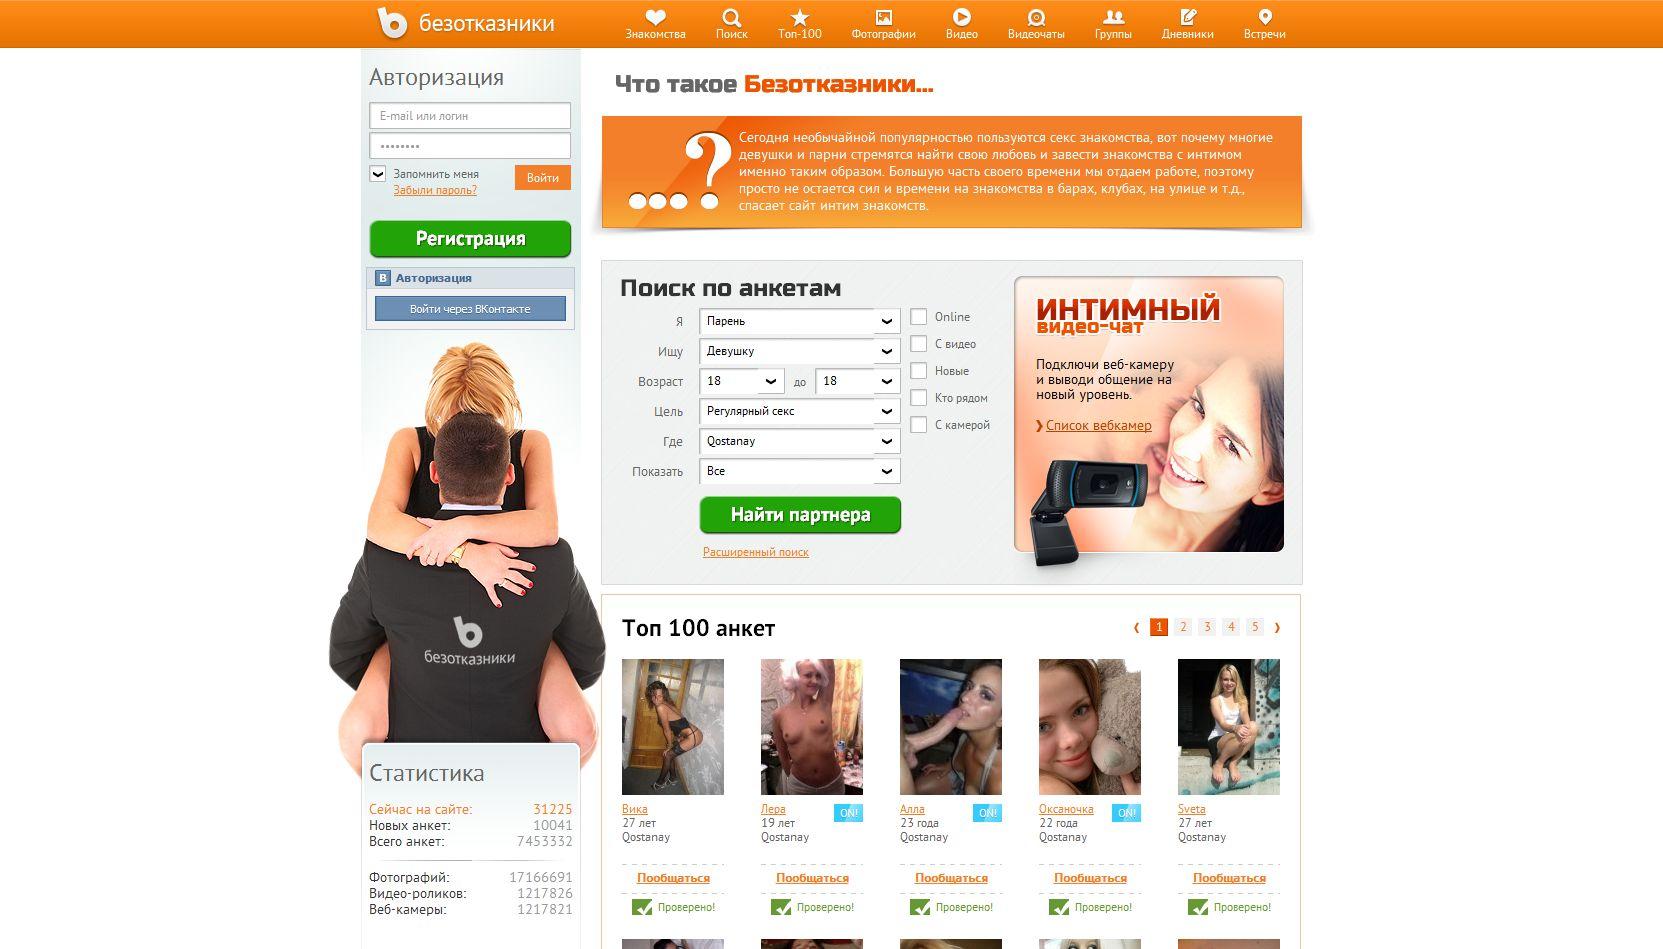 Секс сайты обшения 12 фотография